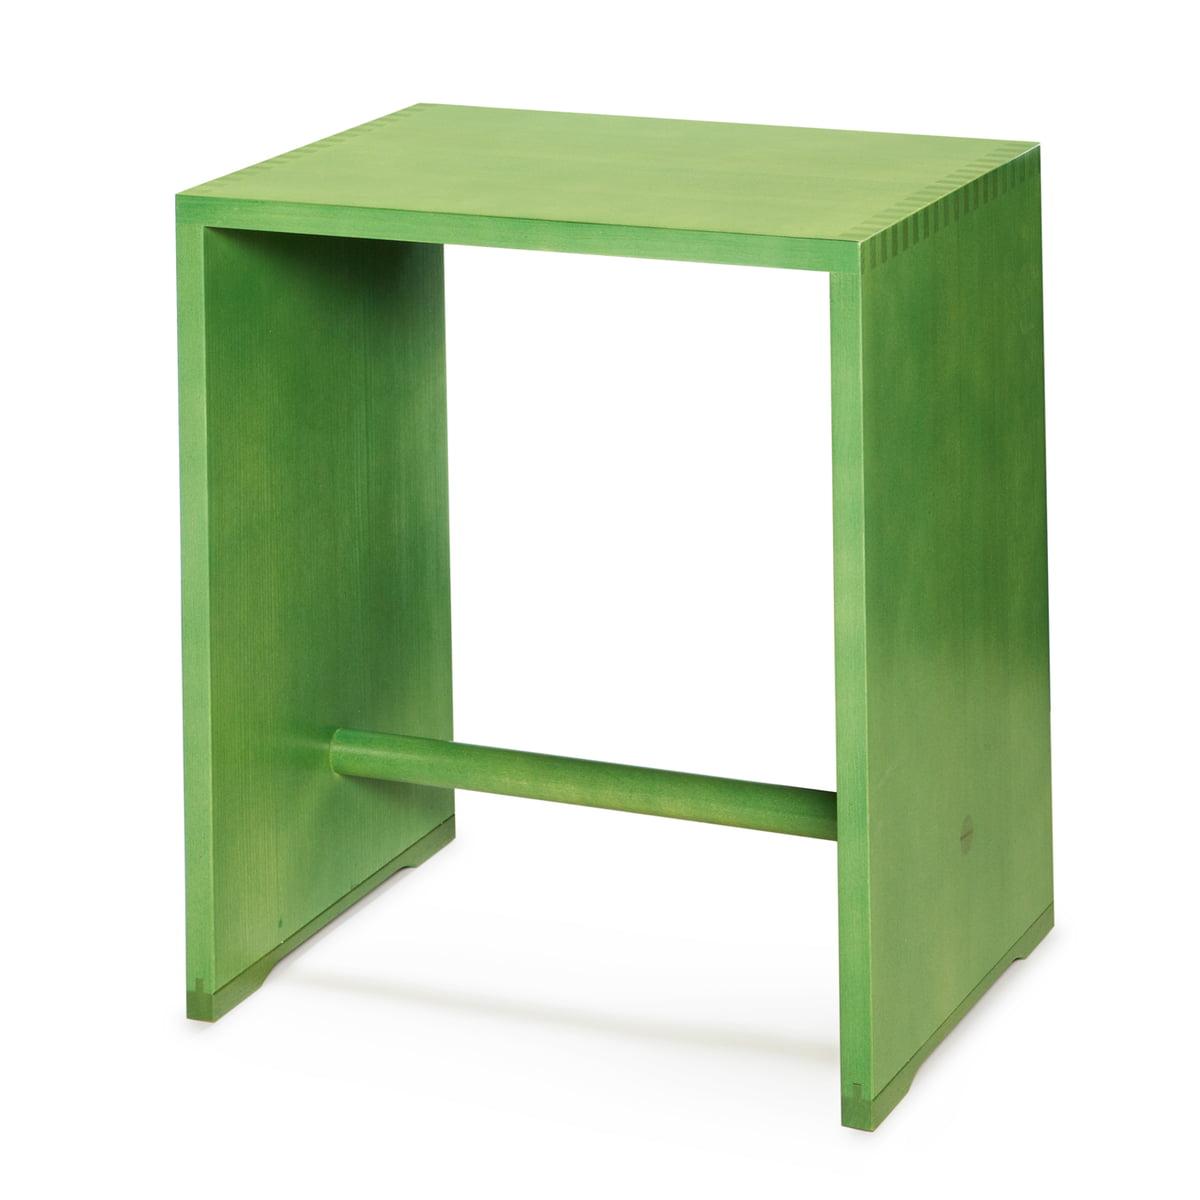 wohnbedarf projekt ag wb form - Ulmer Hocker, apfelgrün | Wohnzimmer > Hocker & Poufs > Sitzhocker | Apfelgrün | wohnbedarf projekt ag